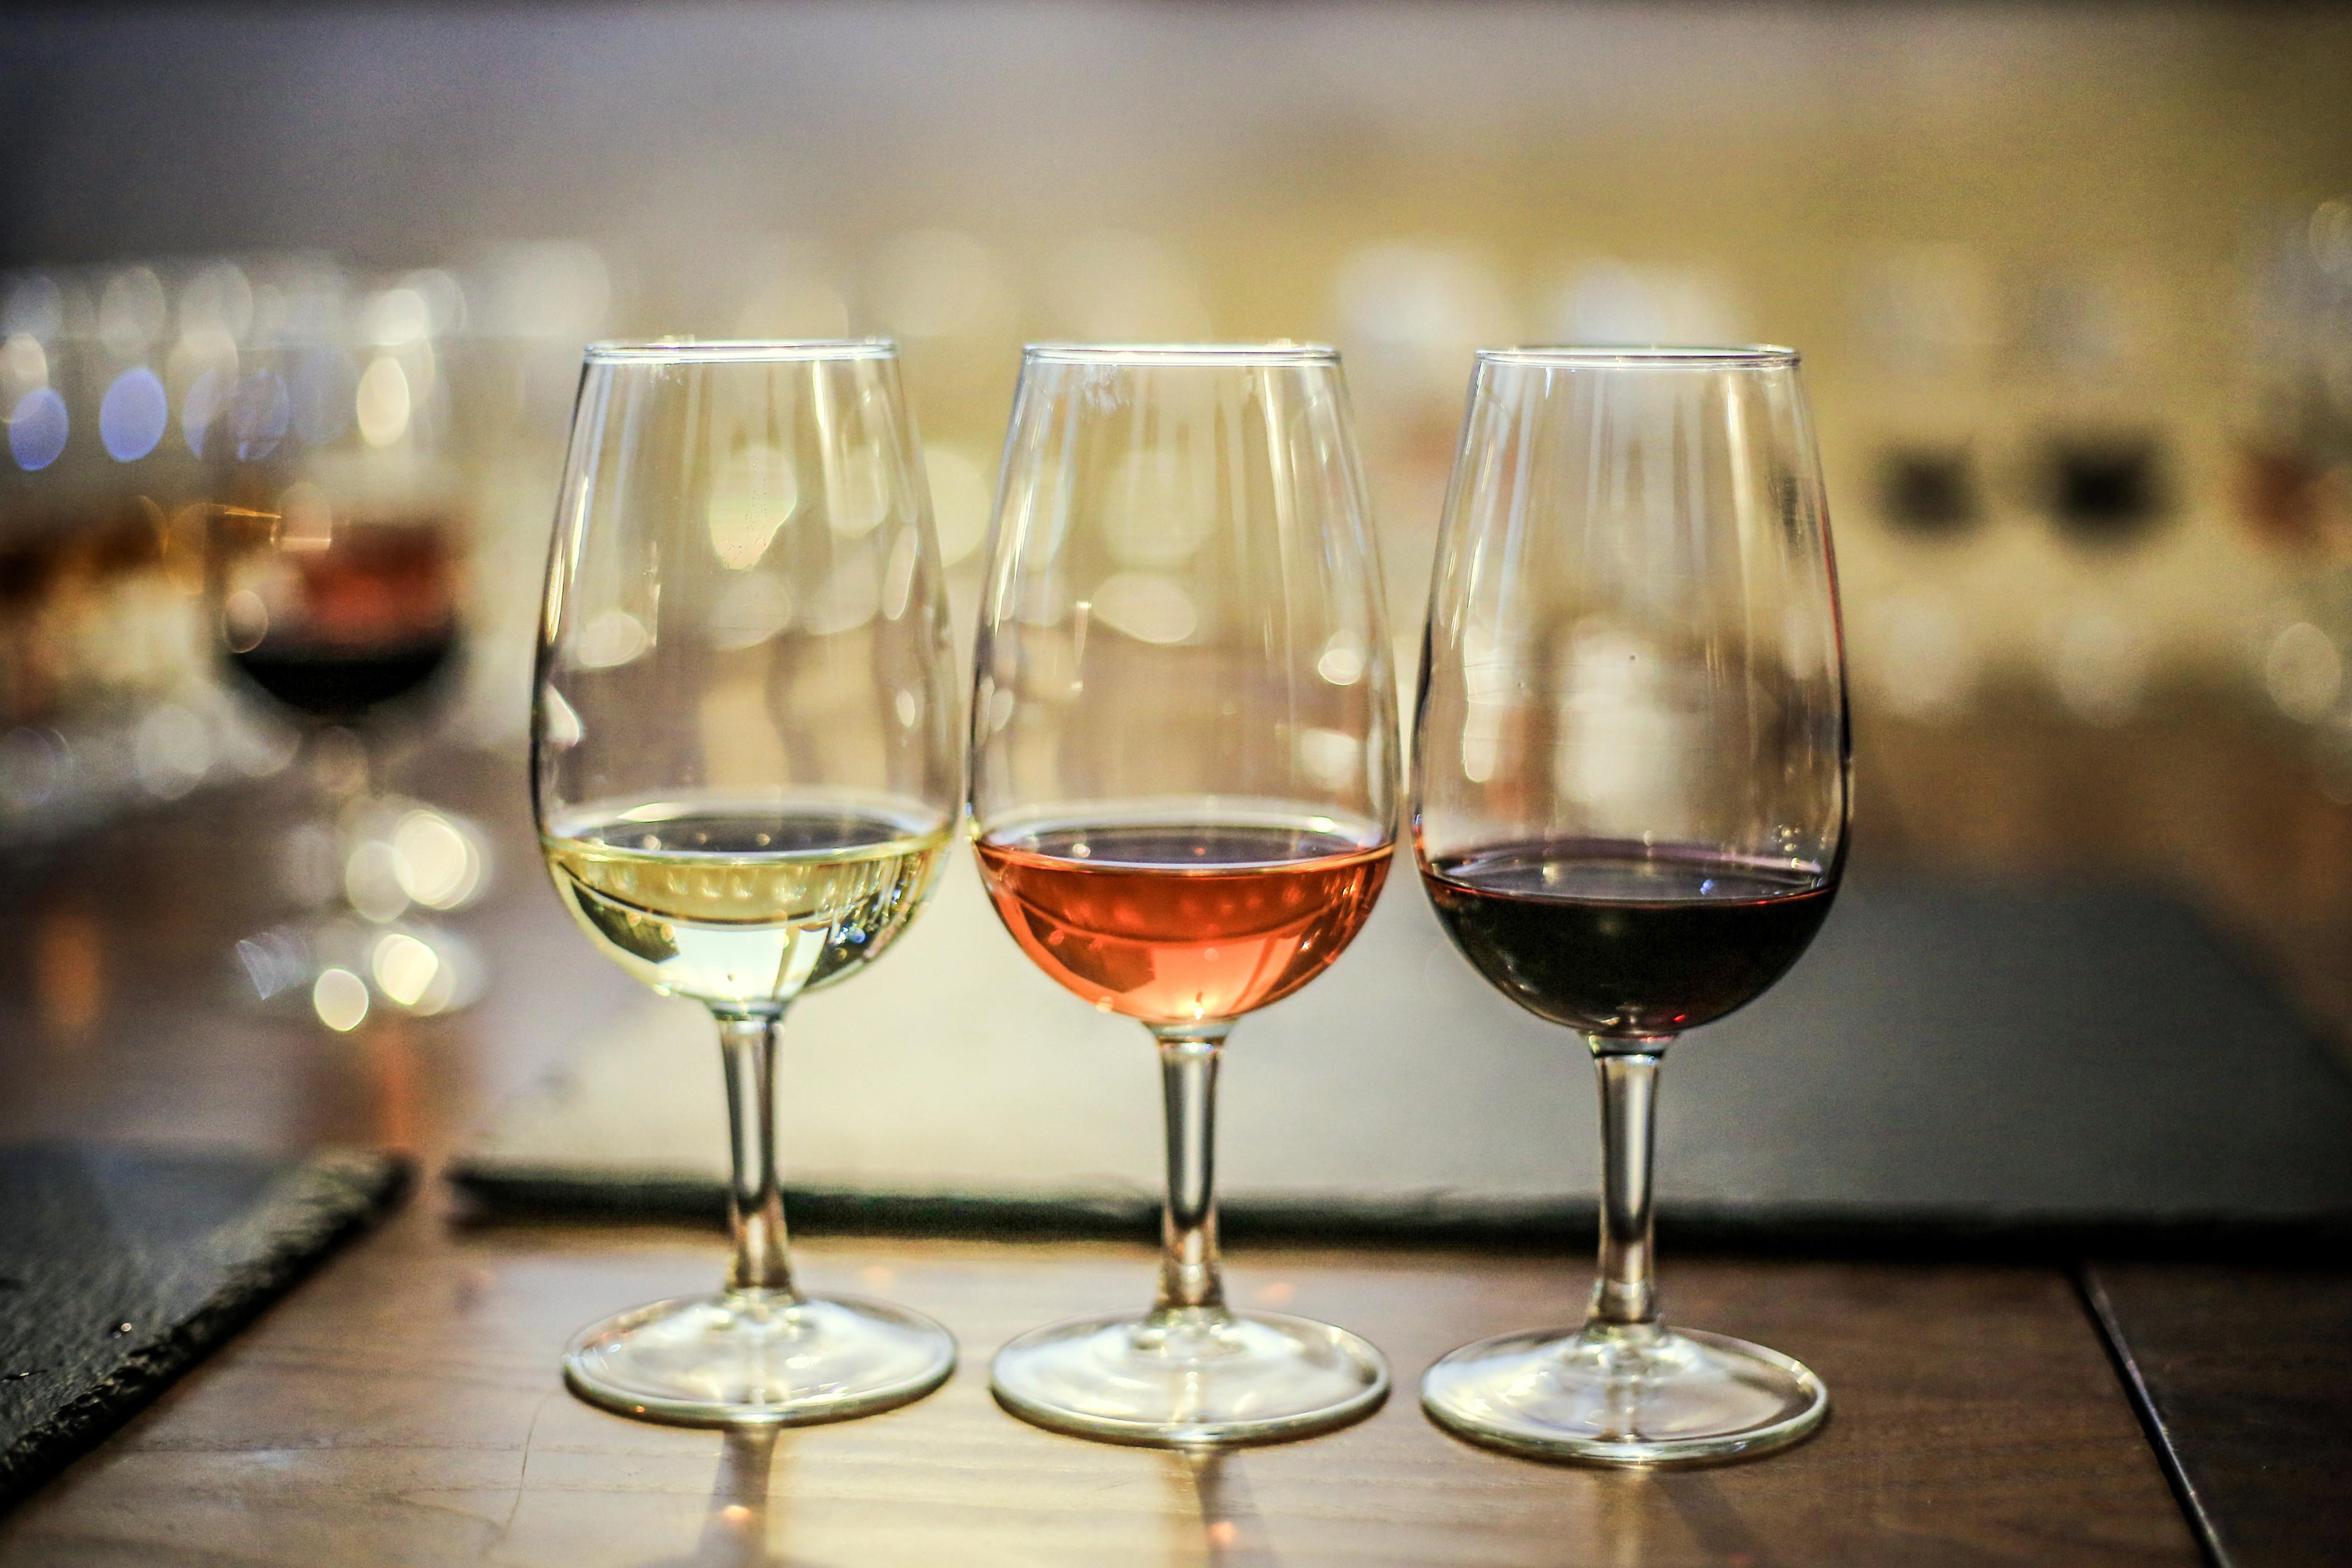 Vendidas bebidas com corantes como se fossem vinho. Milhares apreendidos